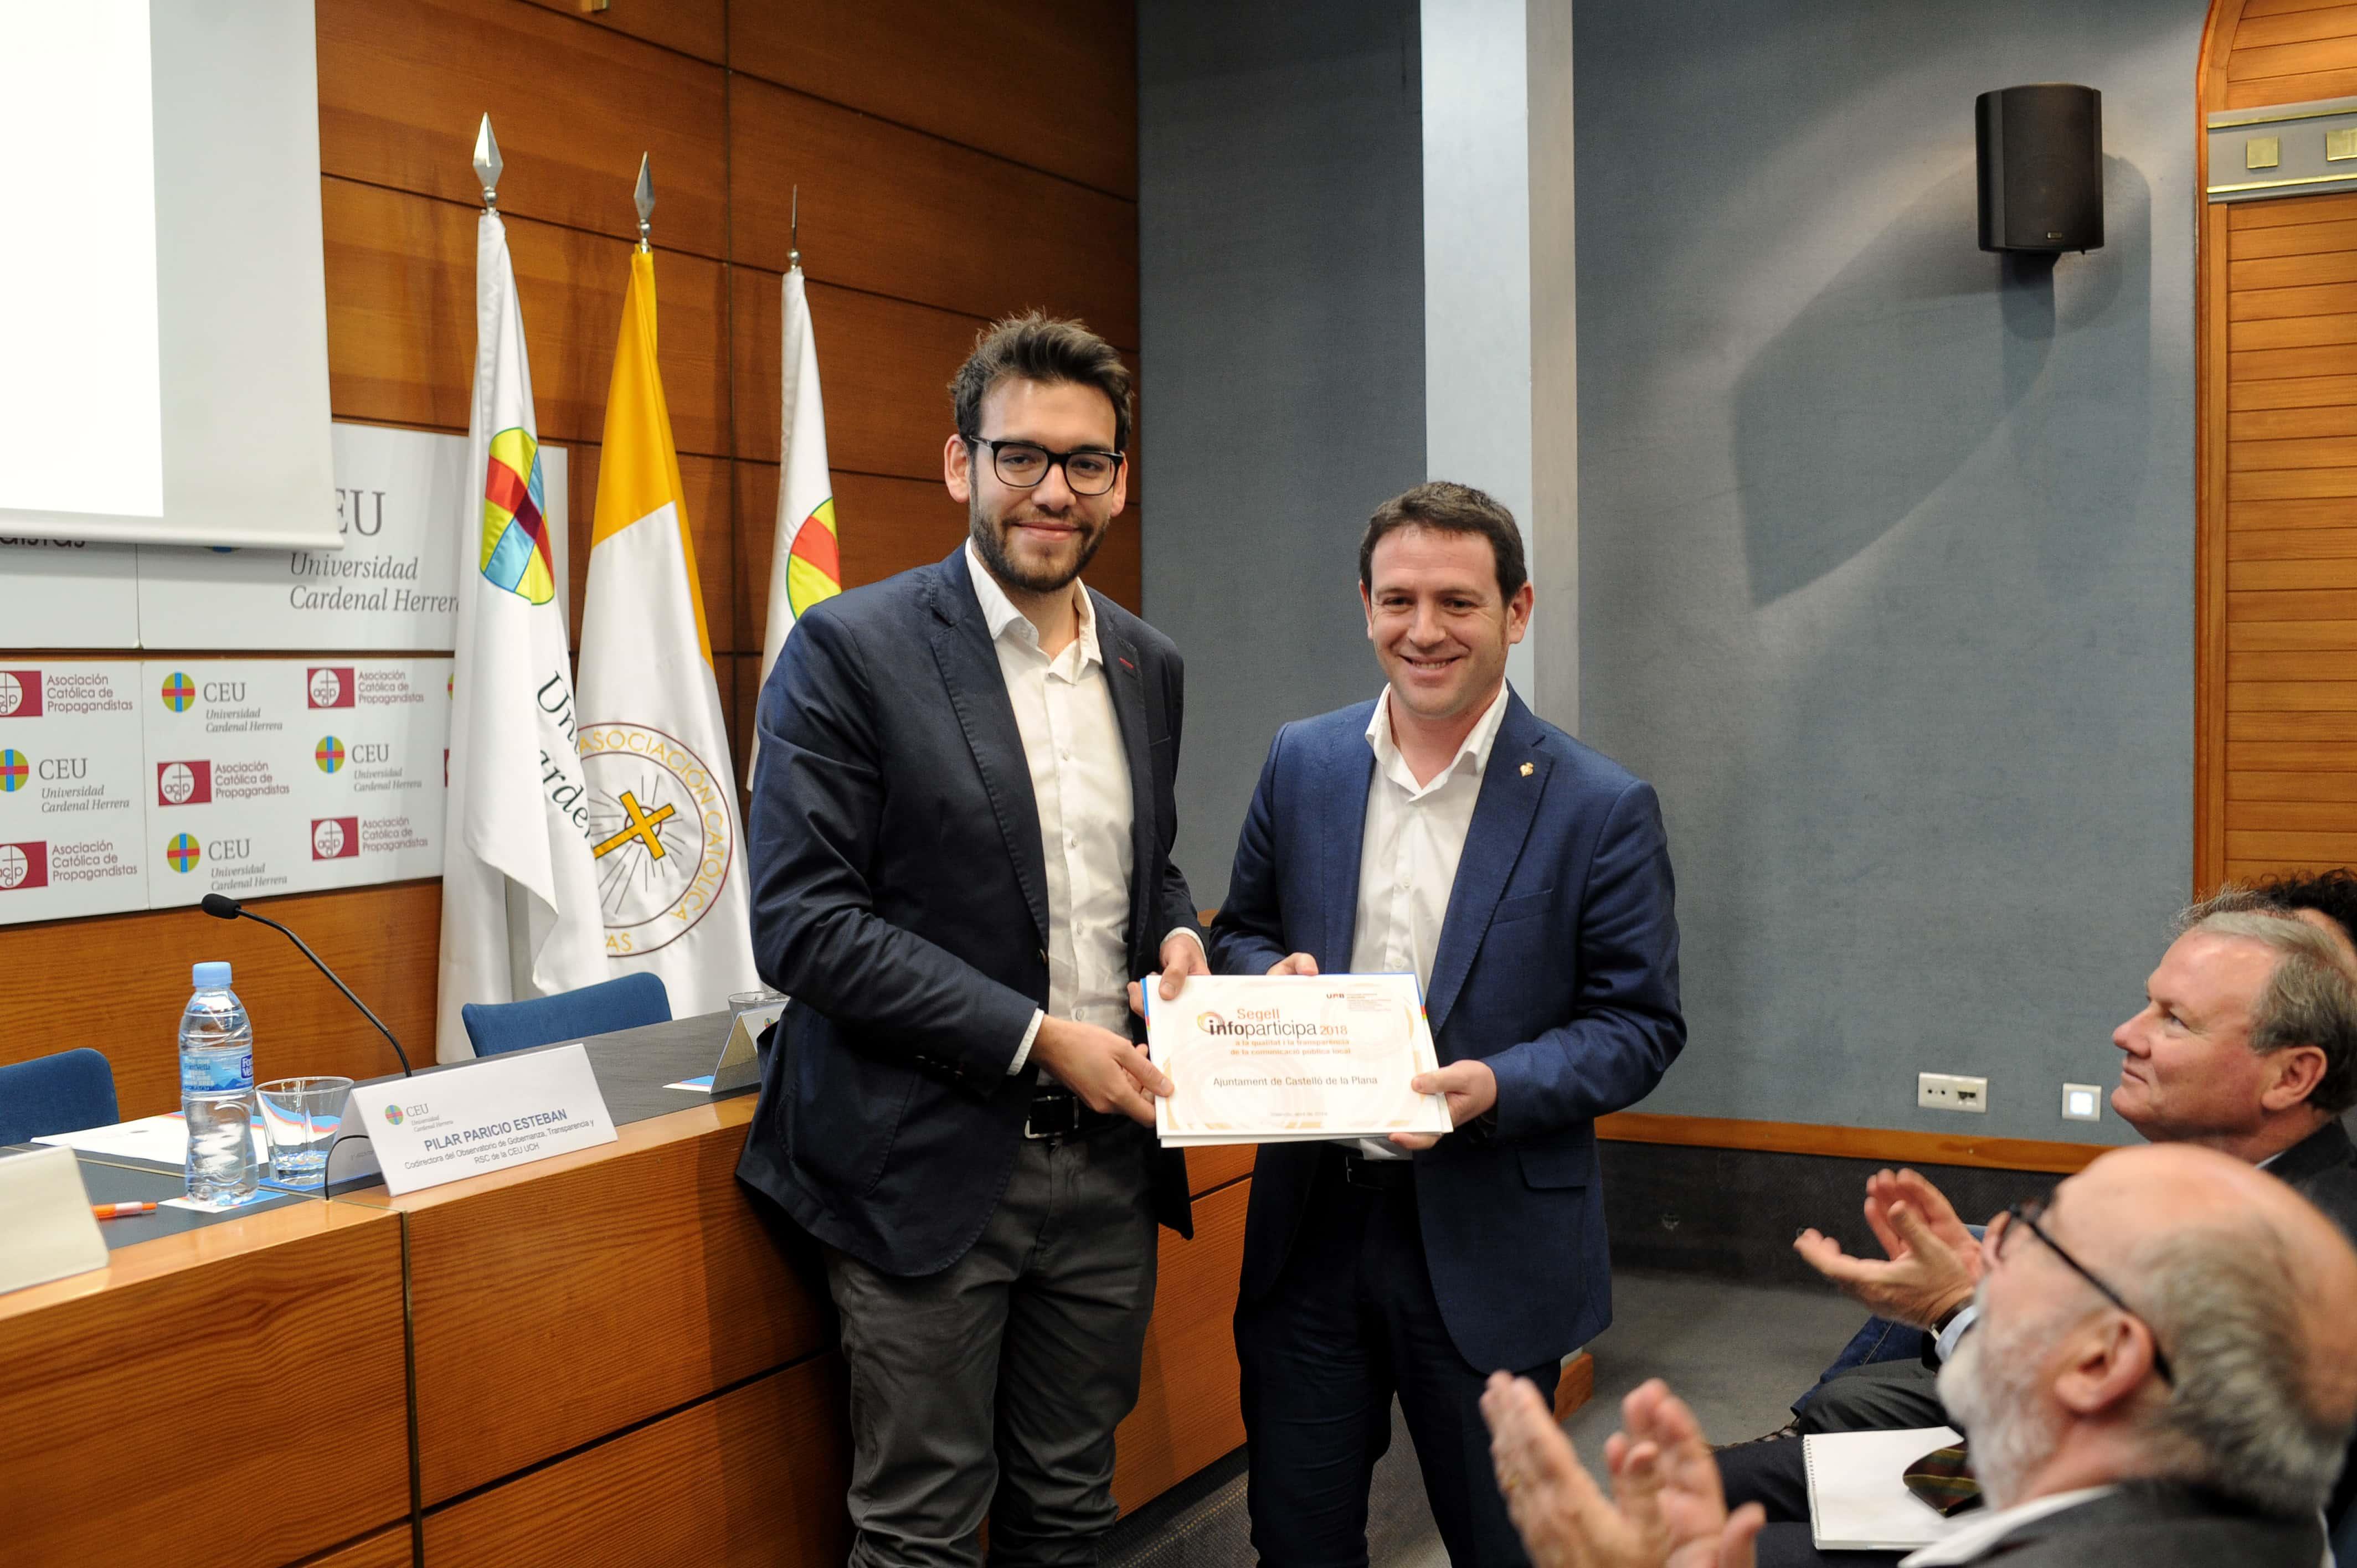 la-ceu-uch-y-la-autnoma-de-barcelona-premian-a-los-ayuntamientos-de-valencia-alzira-elche-y-castelln-por-la-transparencia-de-sus-webs-municipales_46676562395_o